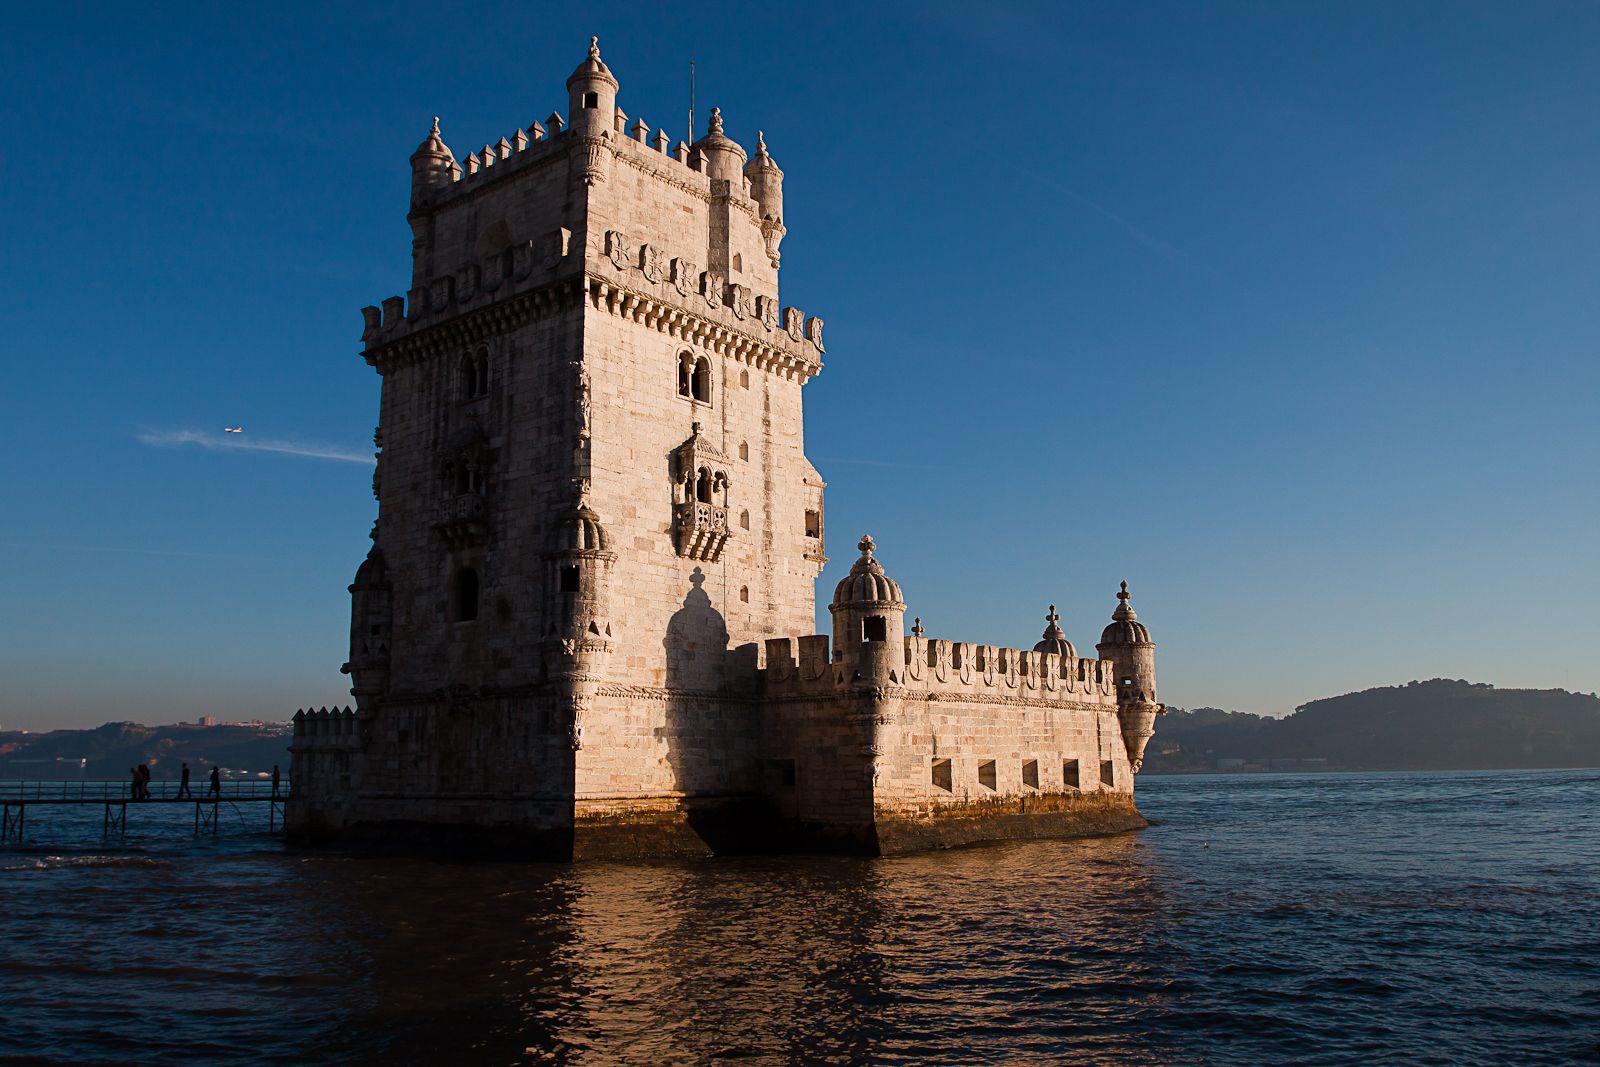 Lisbon Torre De Belem Just Reminds Me The Age Of